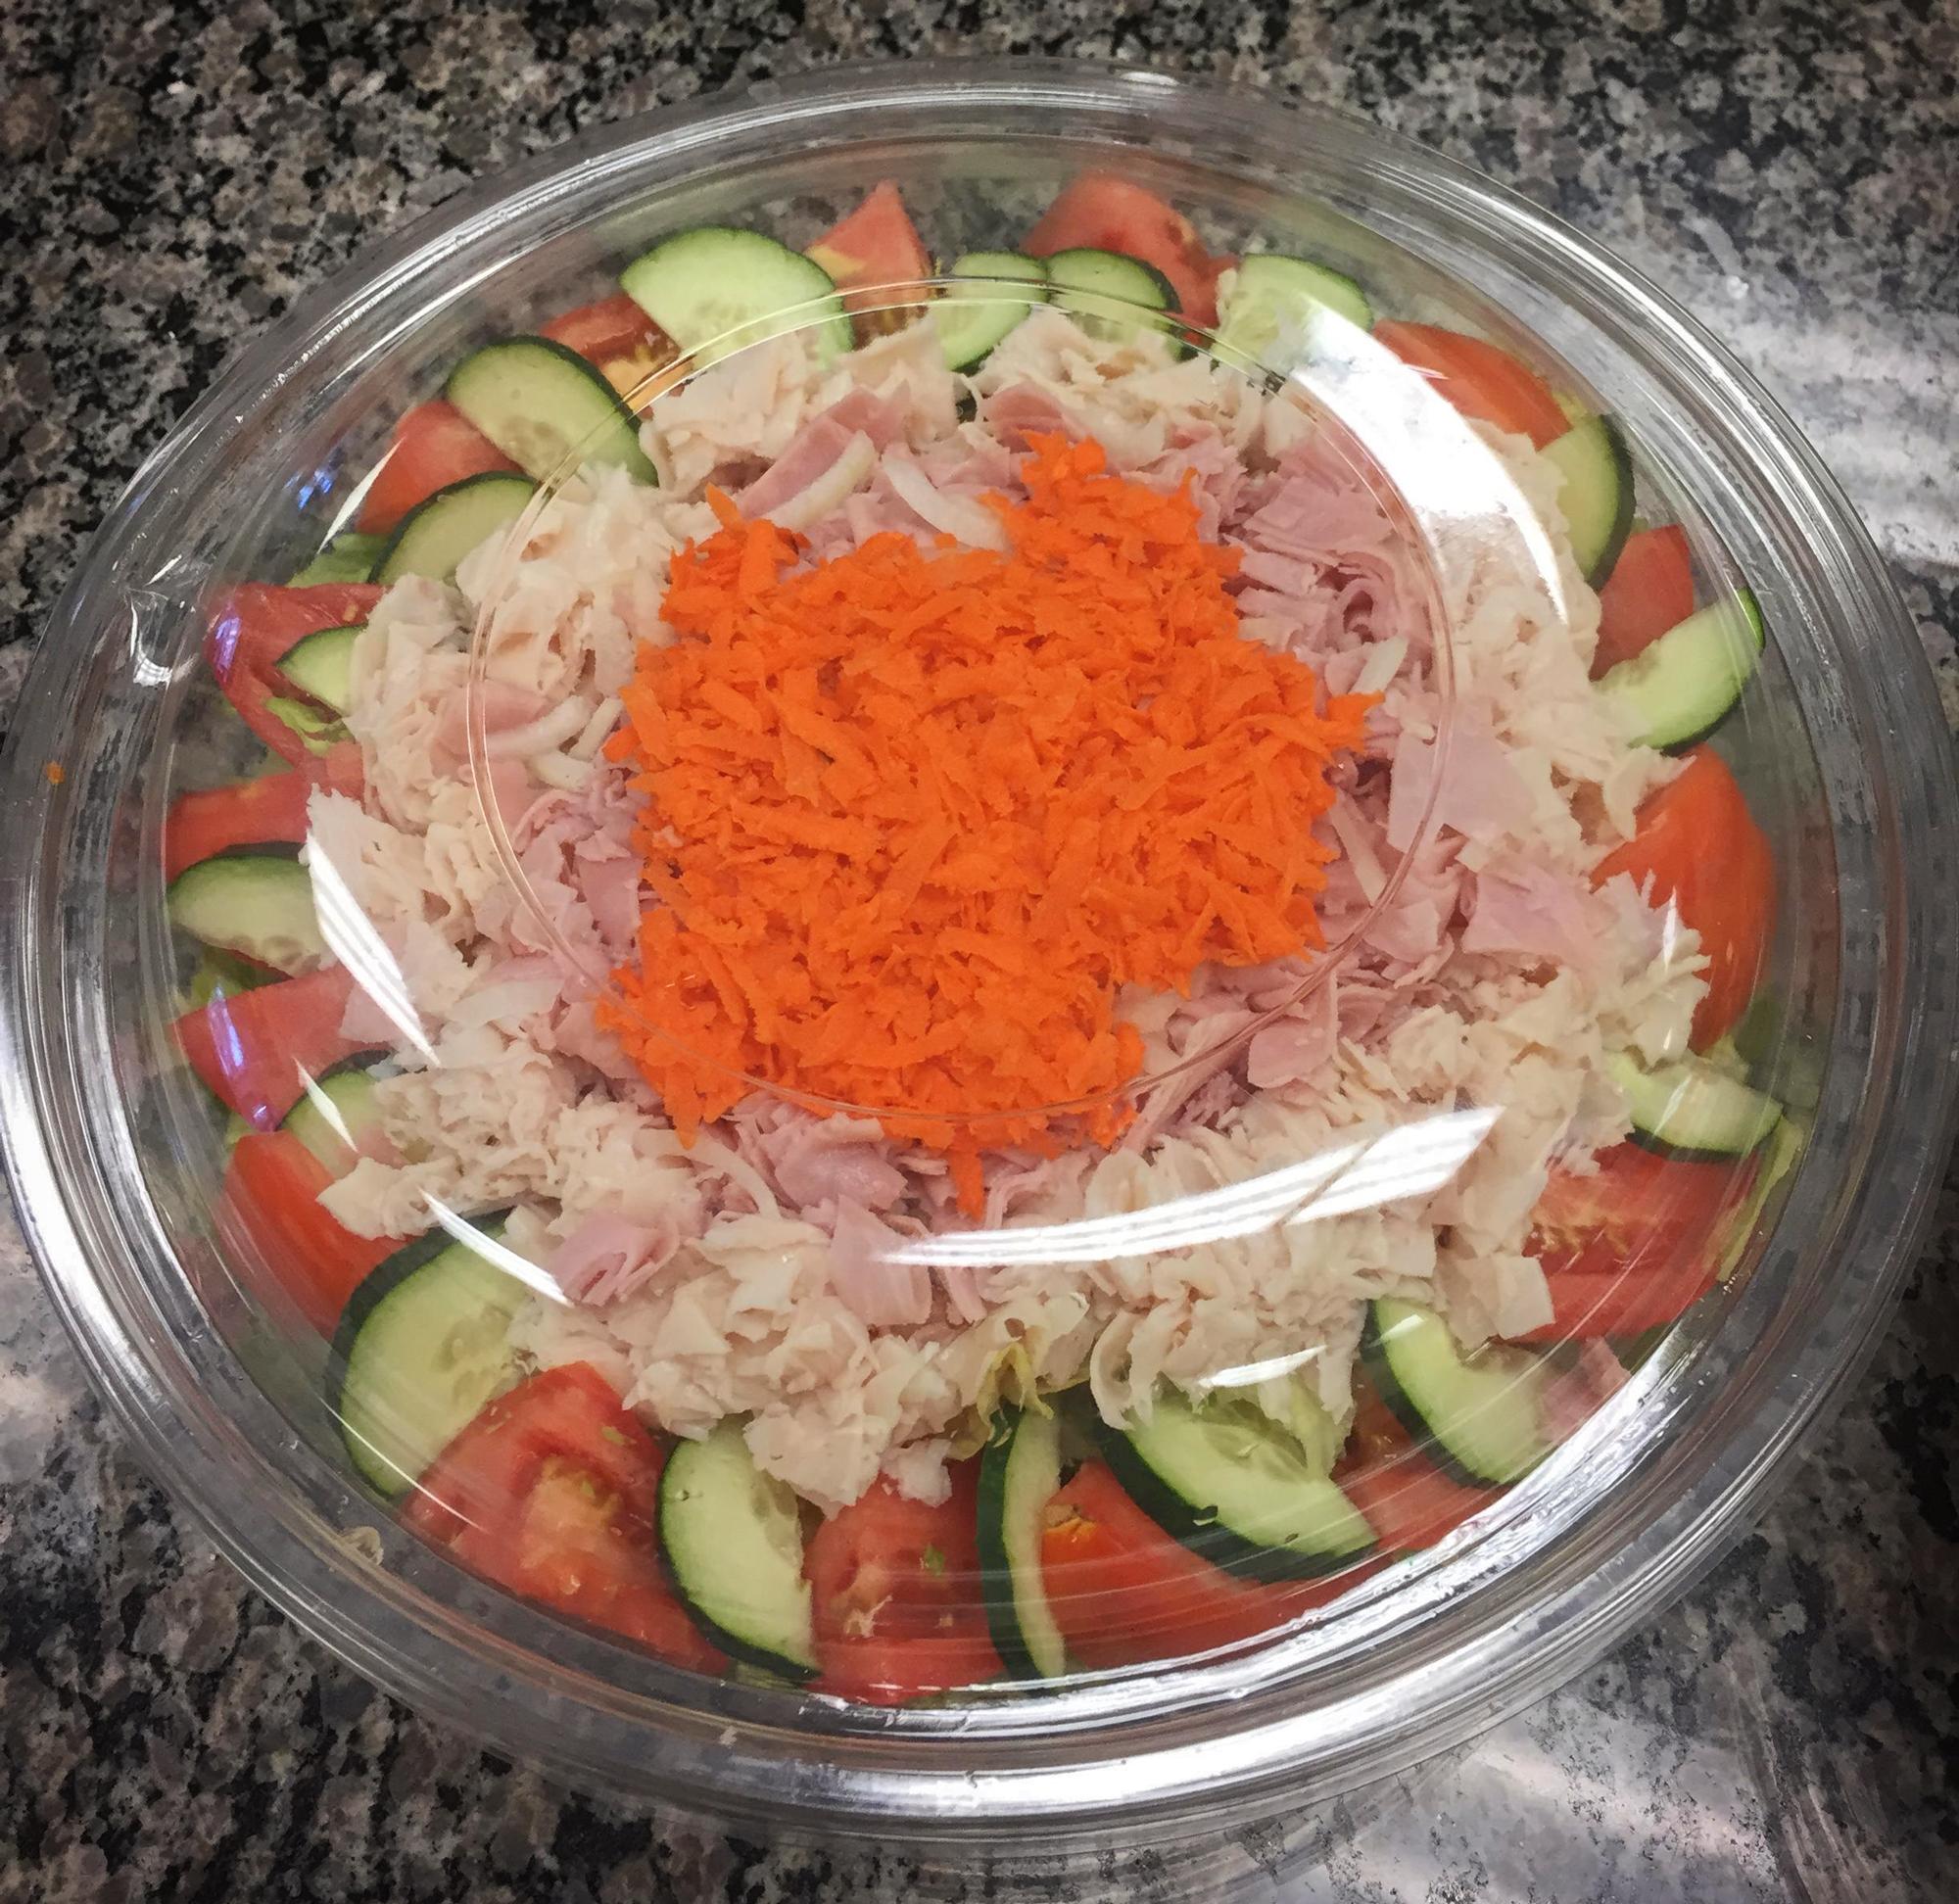 largesalad